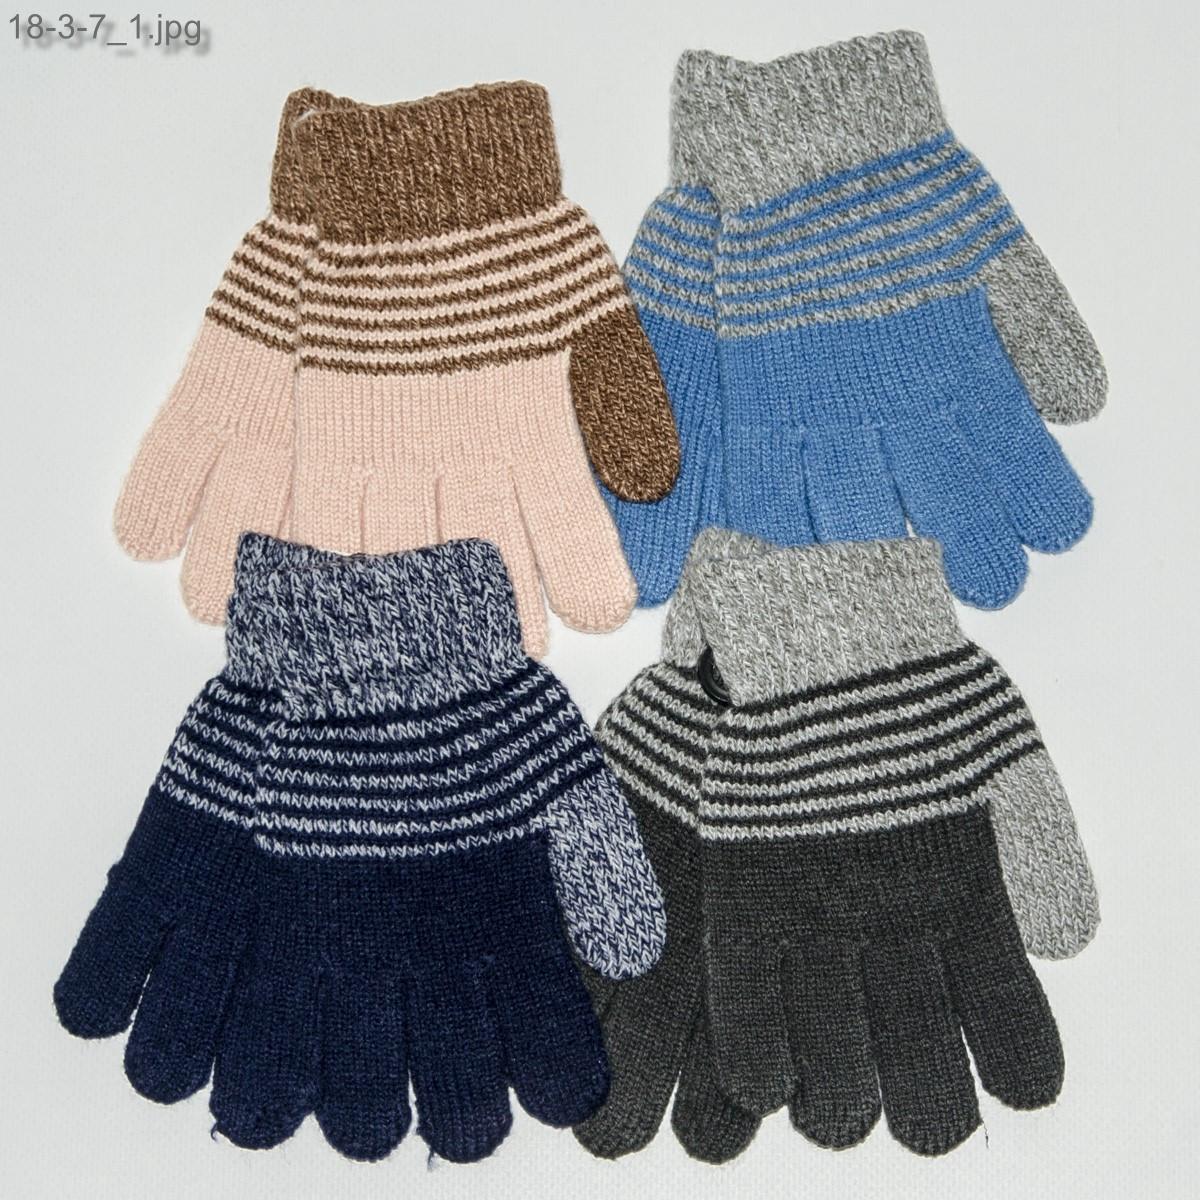 Детские перчатки для мальчиков 2-4 лет - №18-3-7